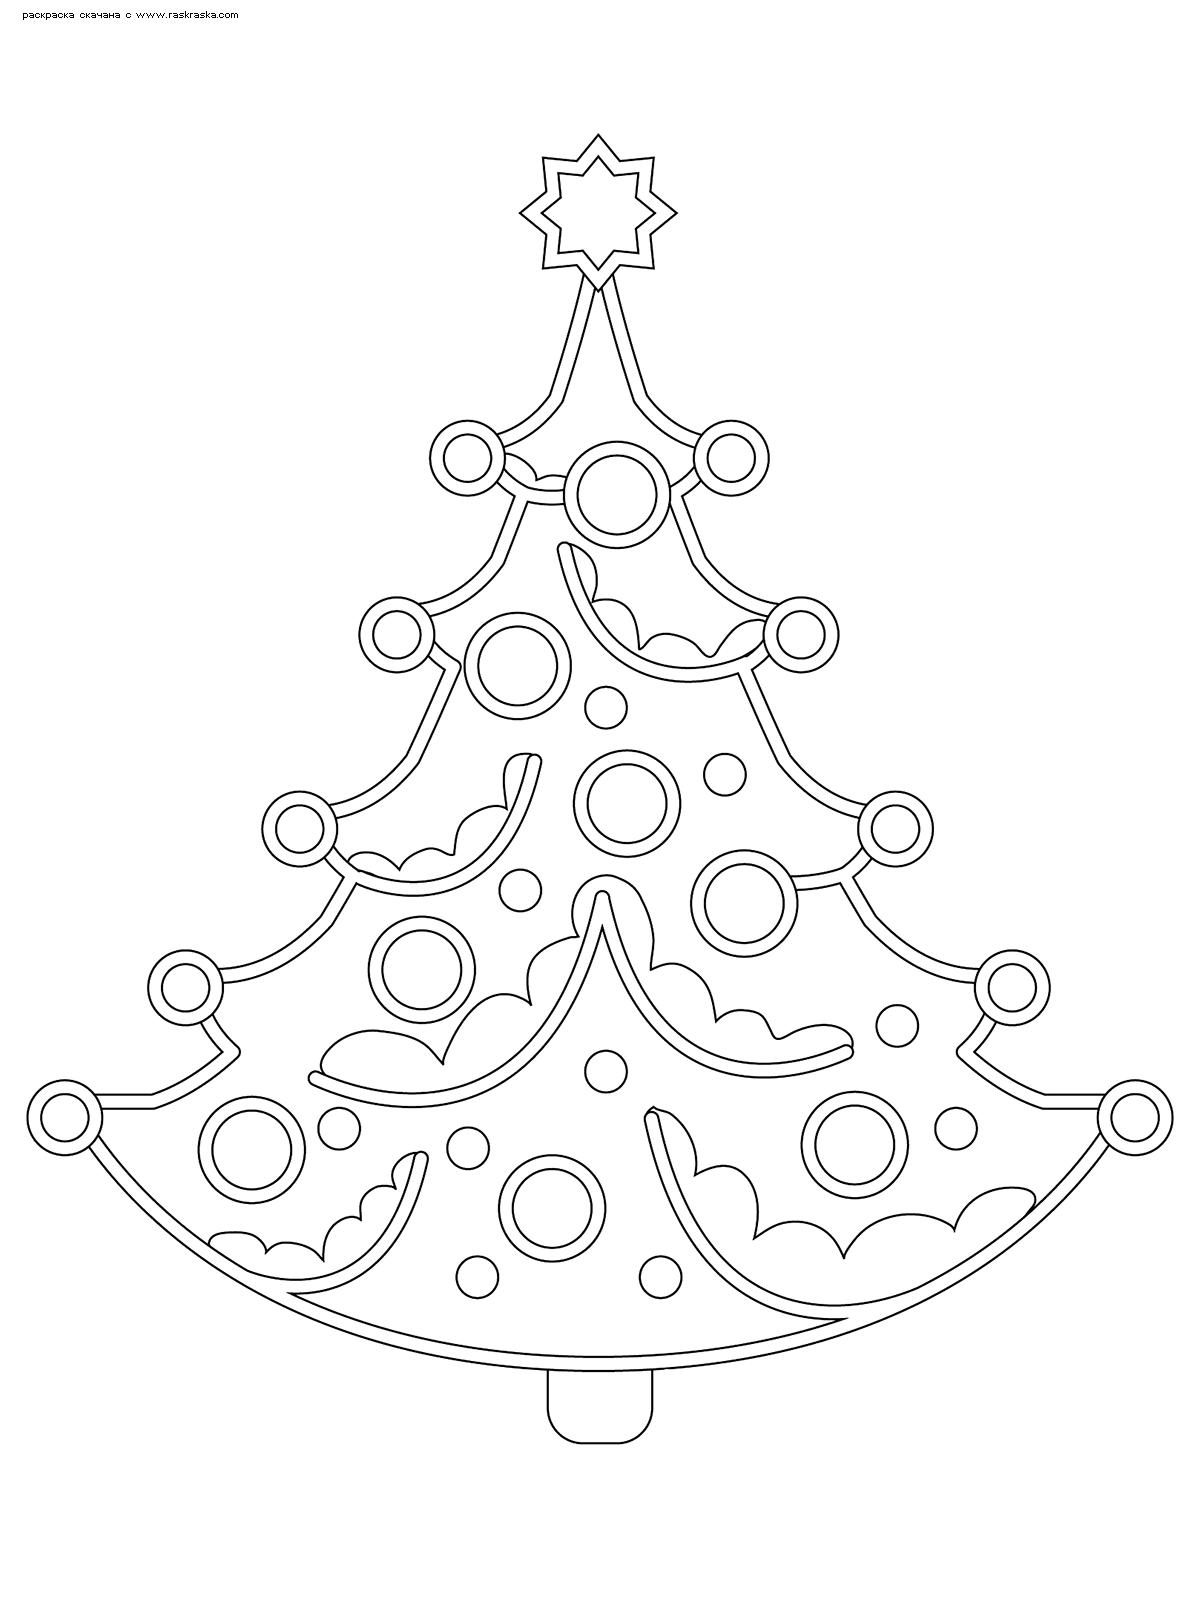 Раскраска Новогодняя елка. Раскраска елка